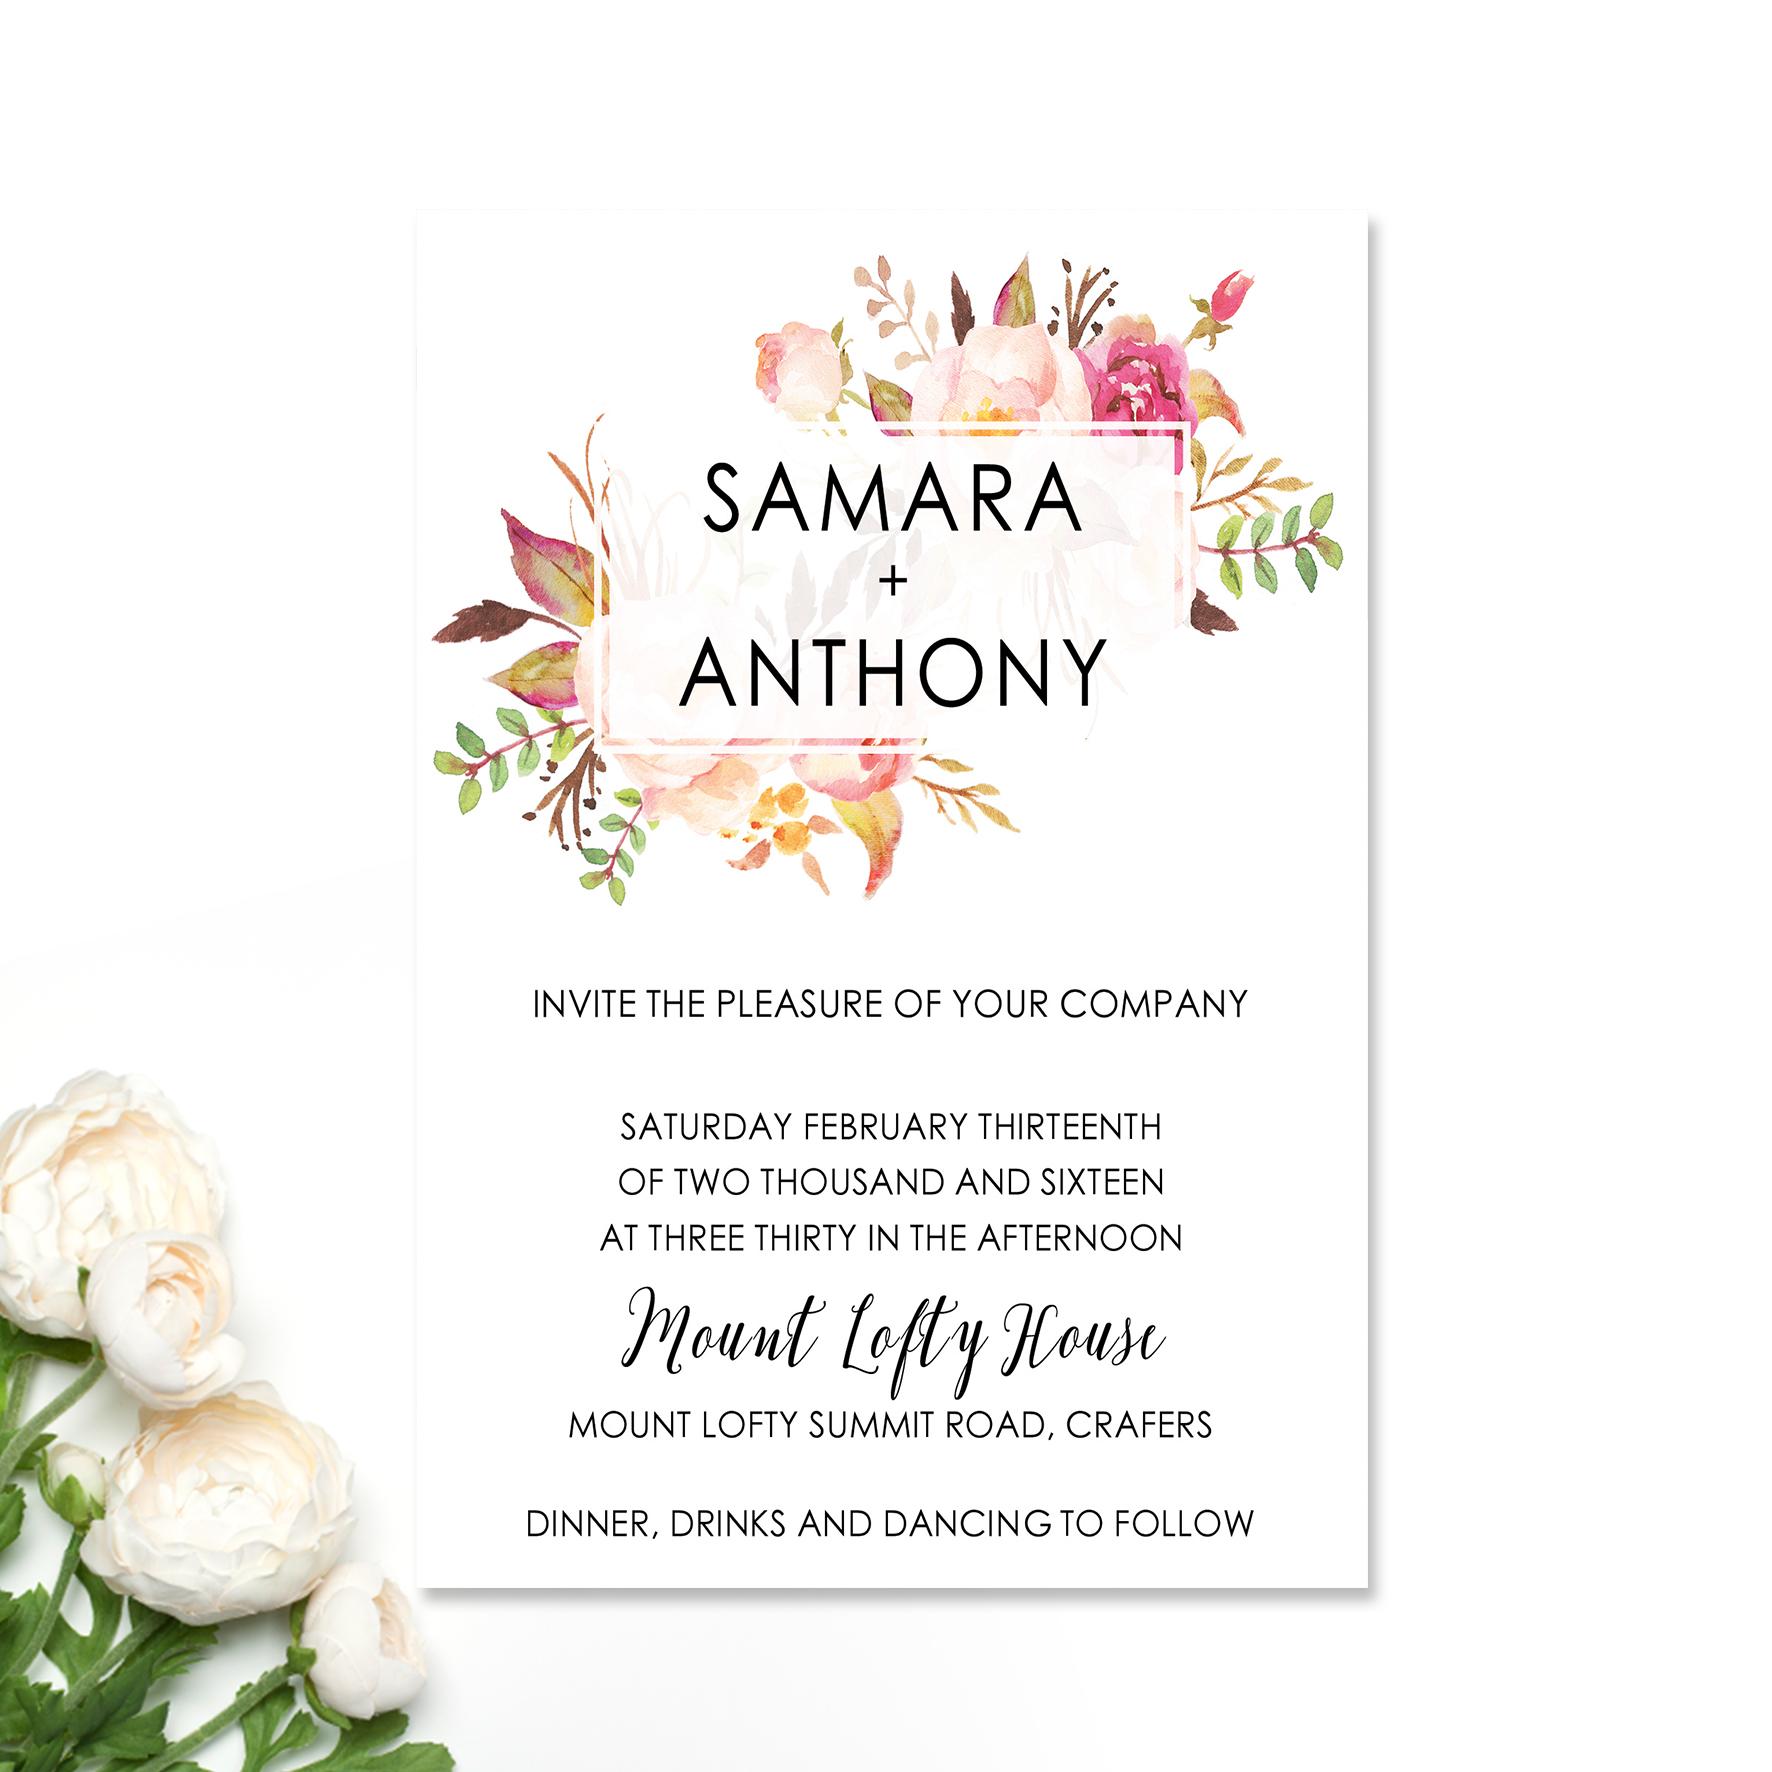 Samara + Anthony Wedding Invitation